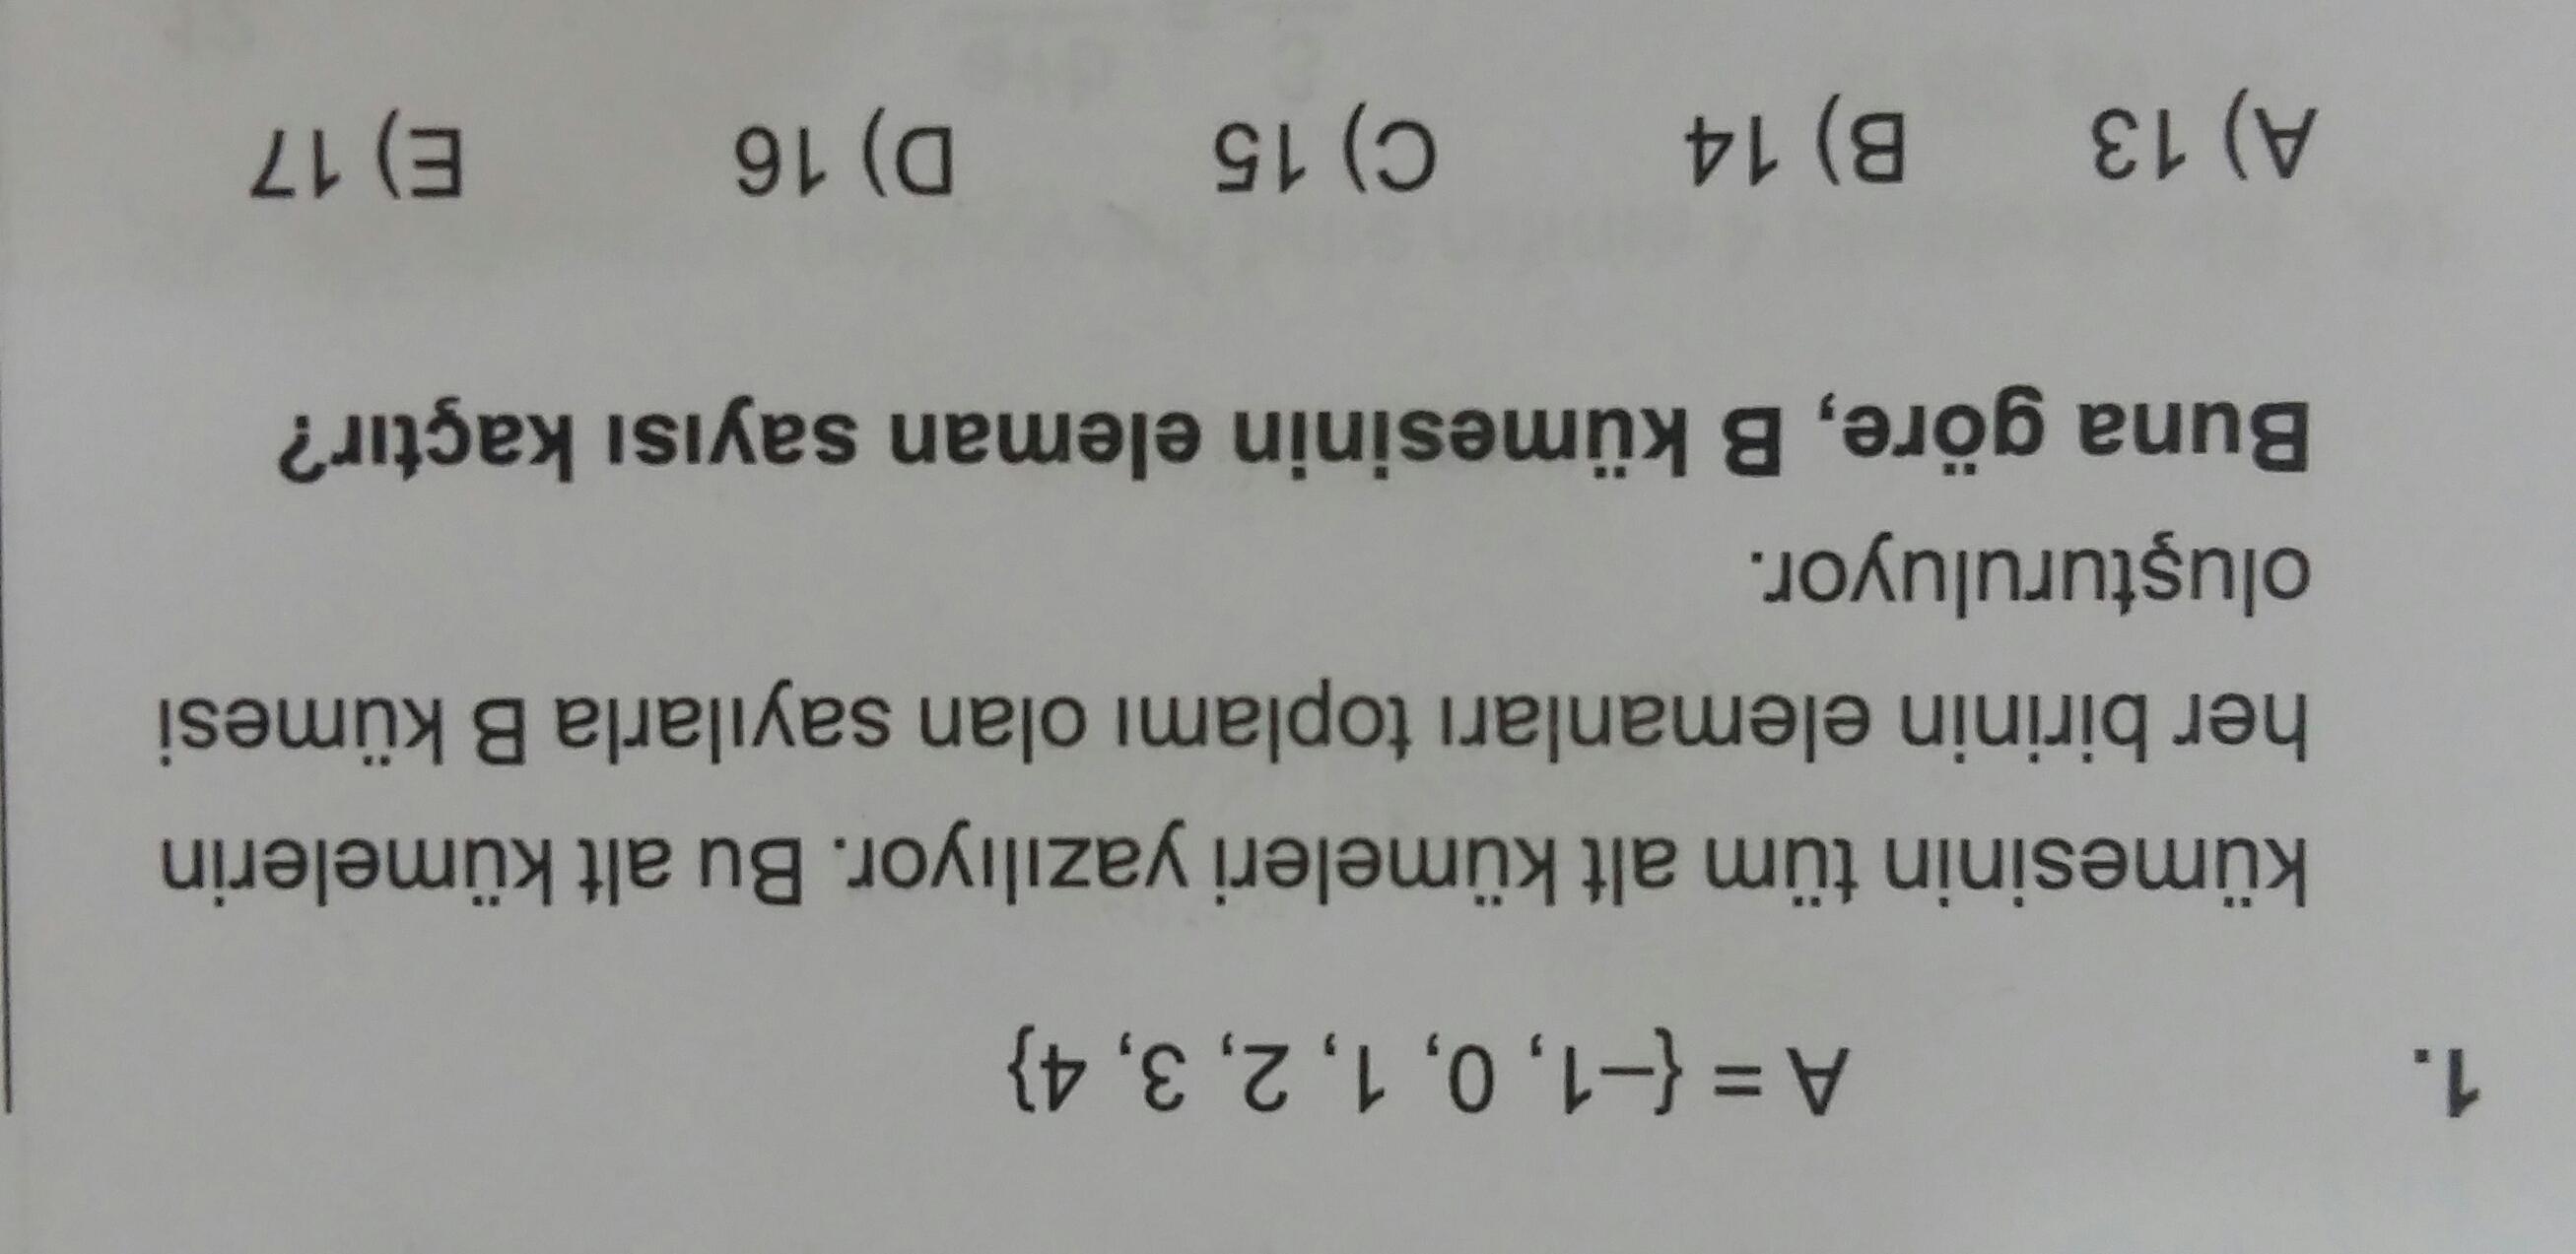 20170111_124122-1 - ryuklemobi